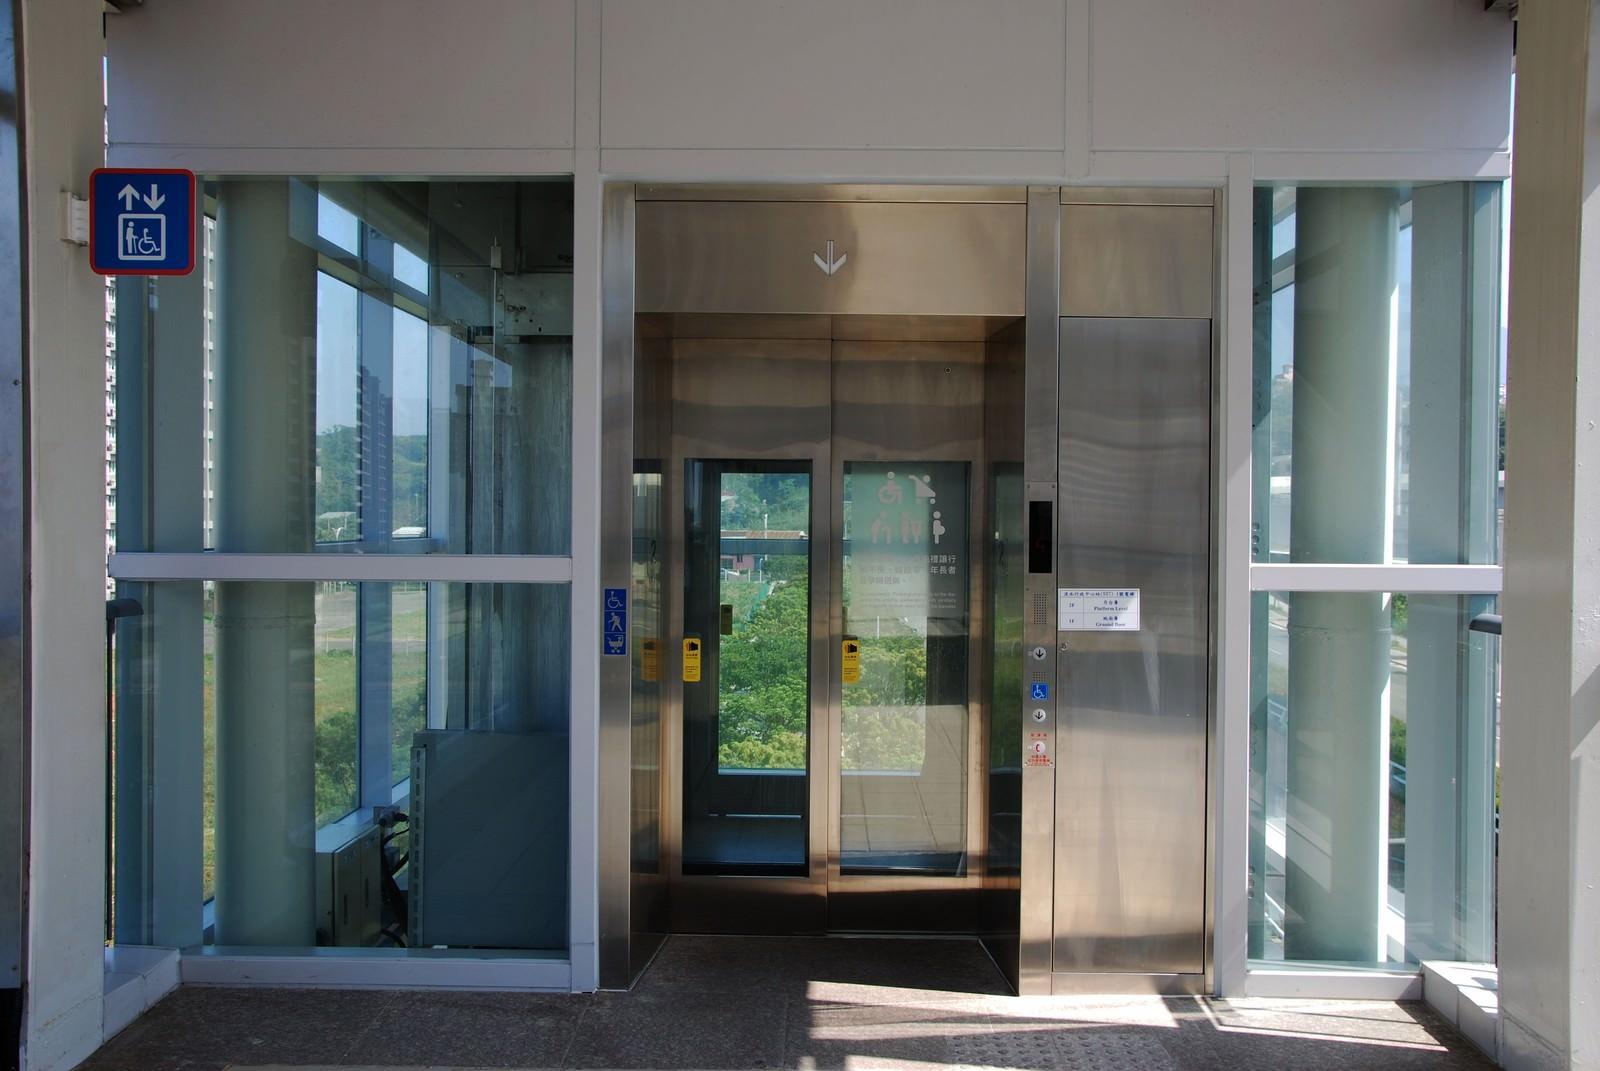 淡海輕軌綠山線, 輕軌淡水行政中心站, 電梯